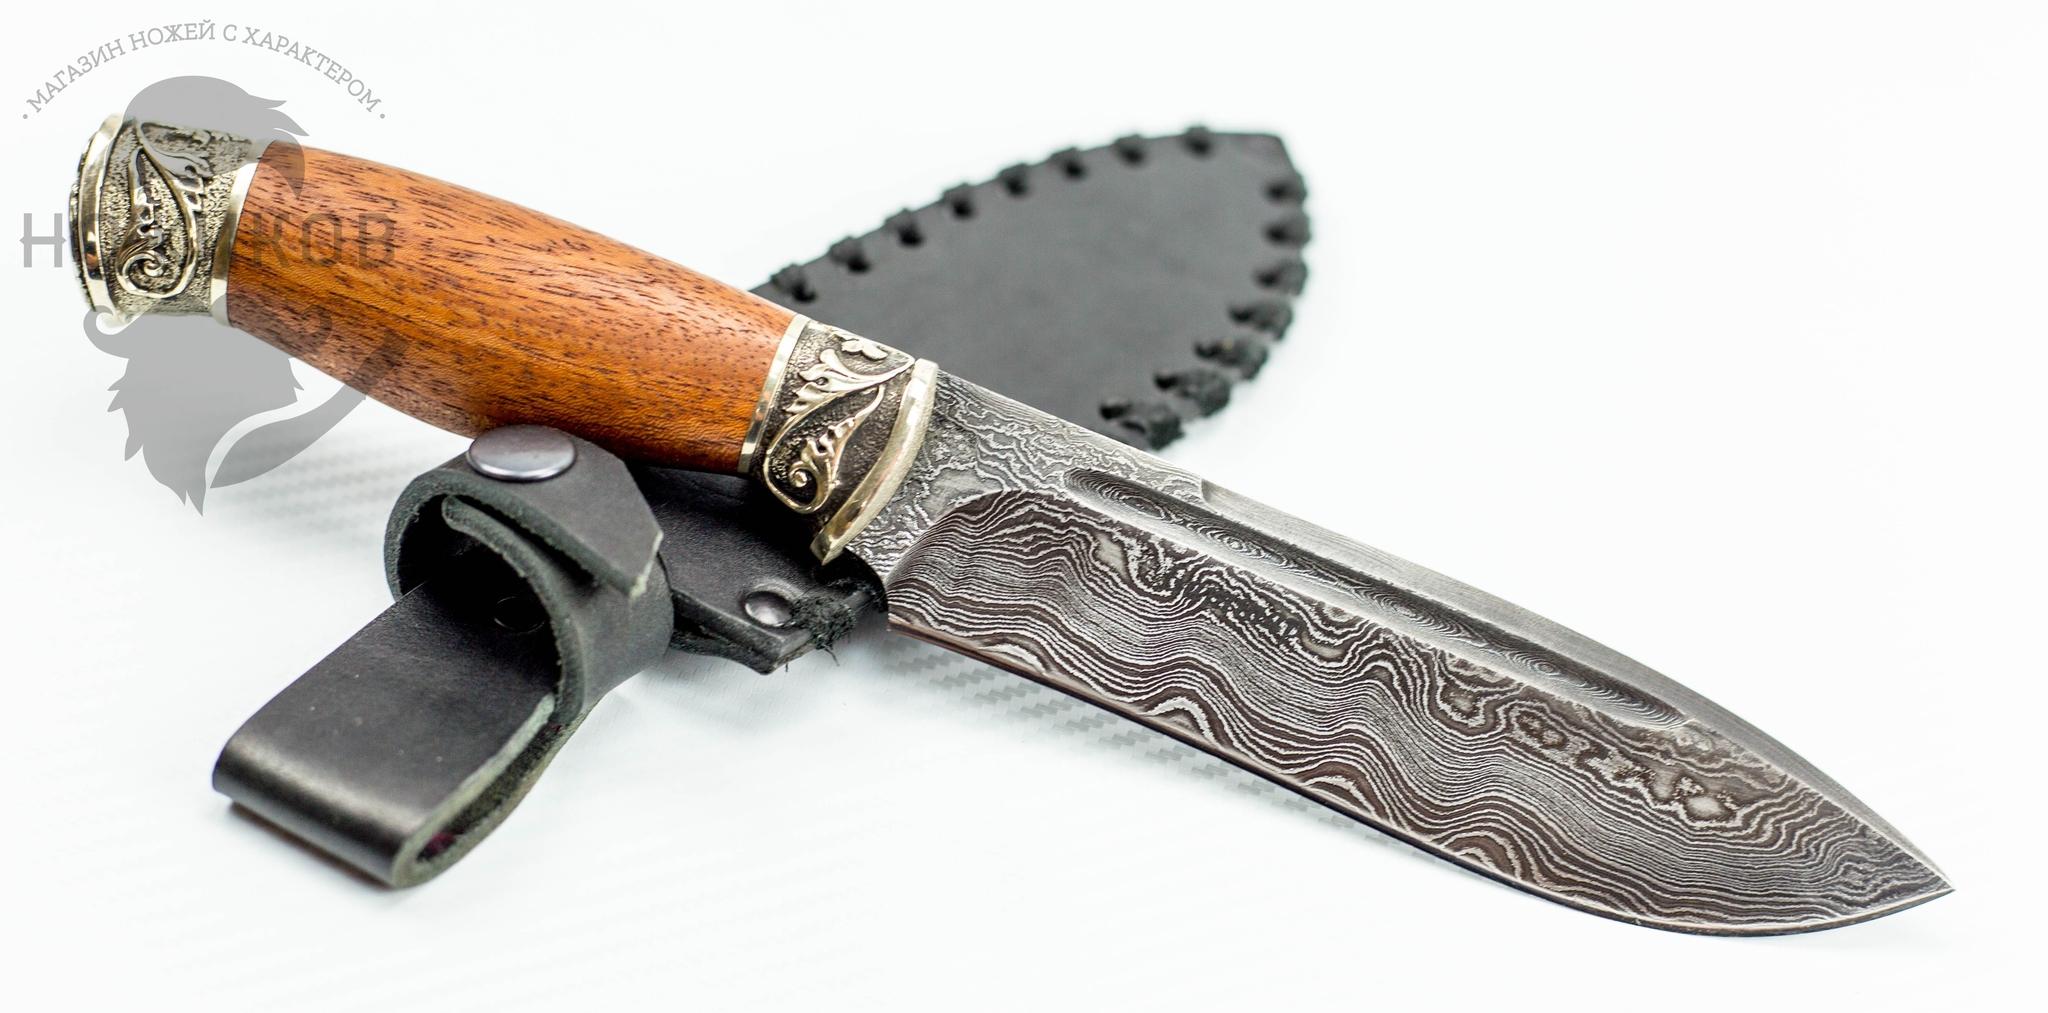 Фото 4 - Авторский Нож из Дамаска №56, Кизляр